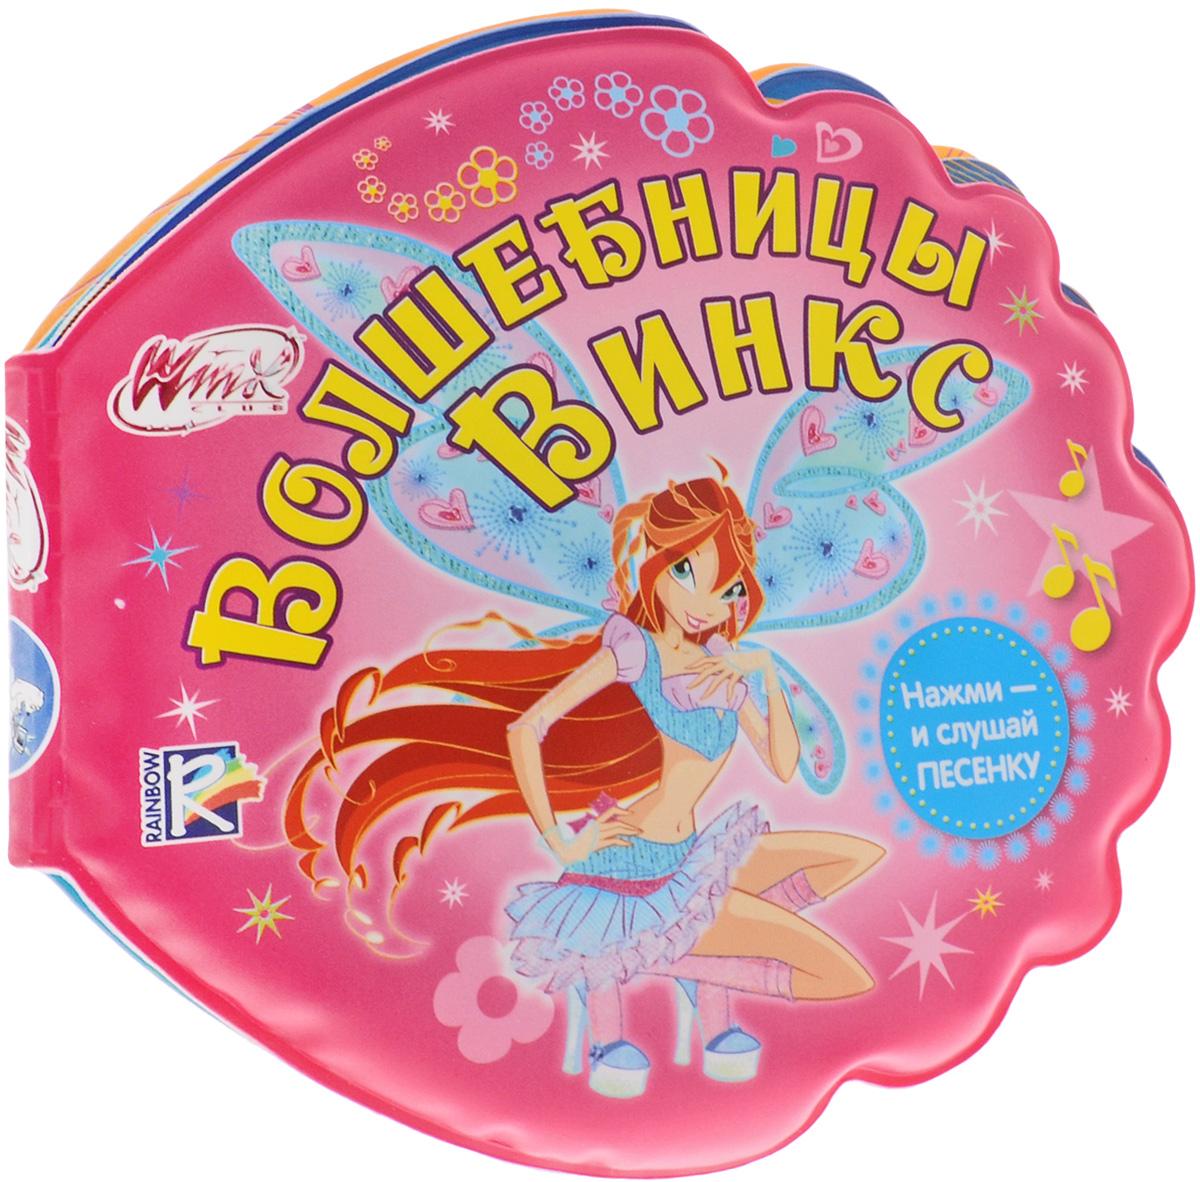 Умка Книжка-игрушка Волшебницы Винкс товары винкс магазин винкс